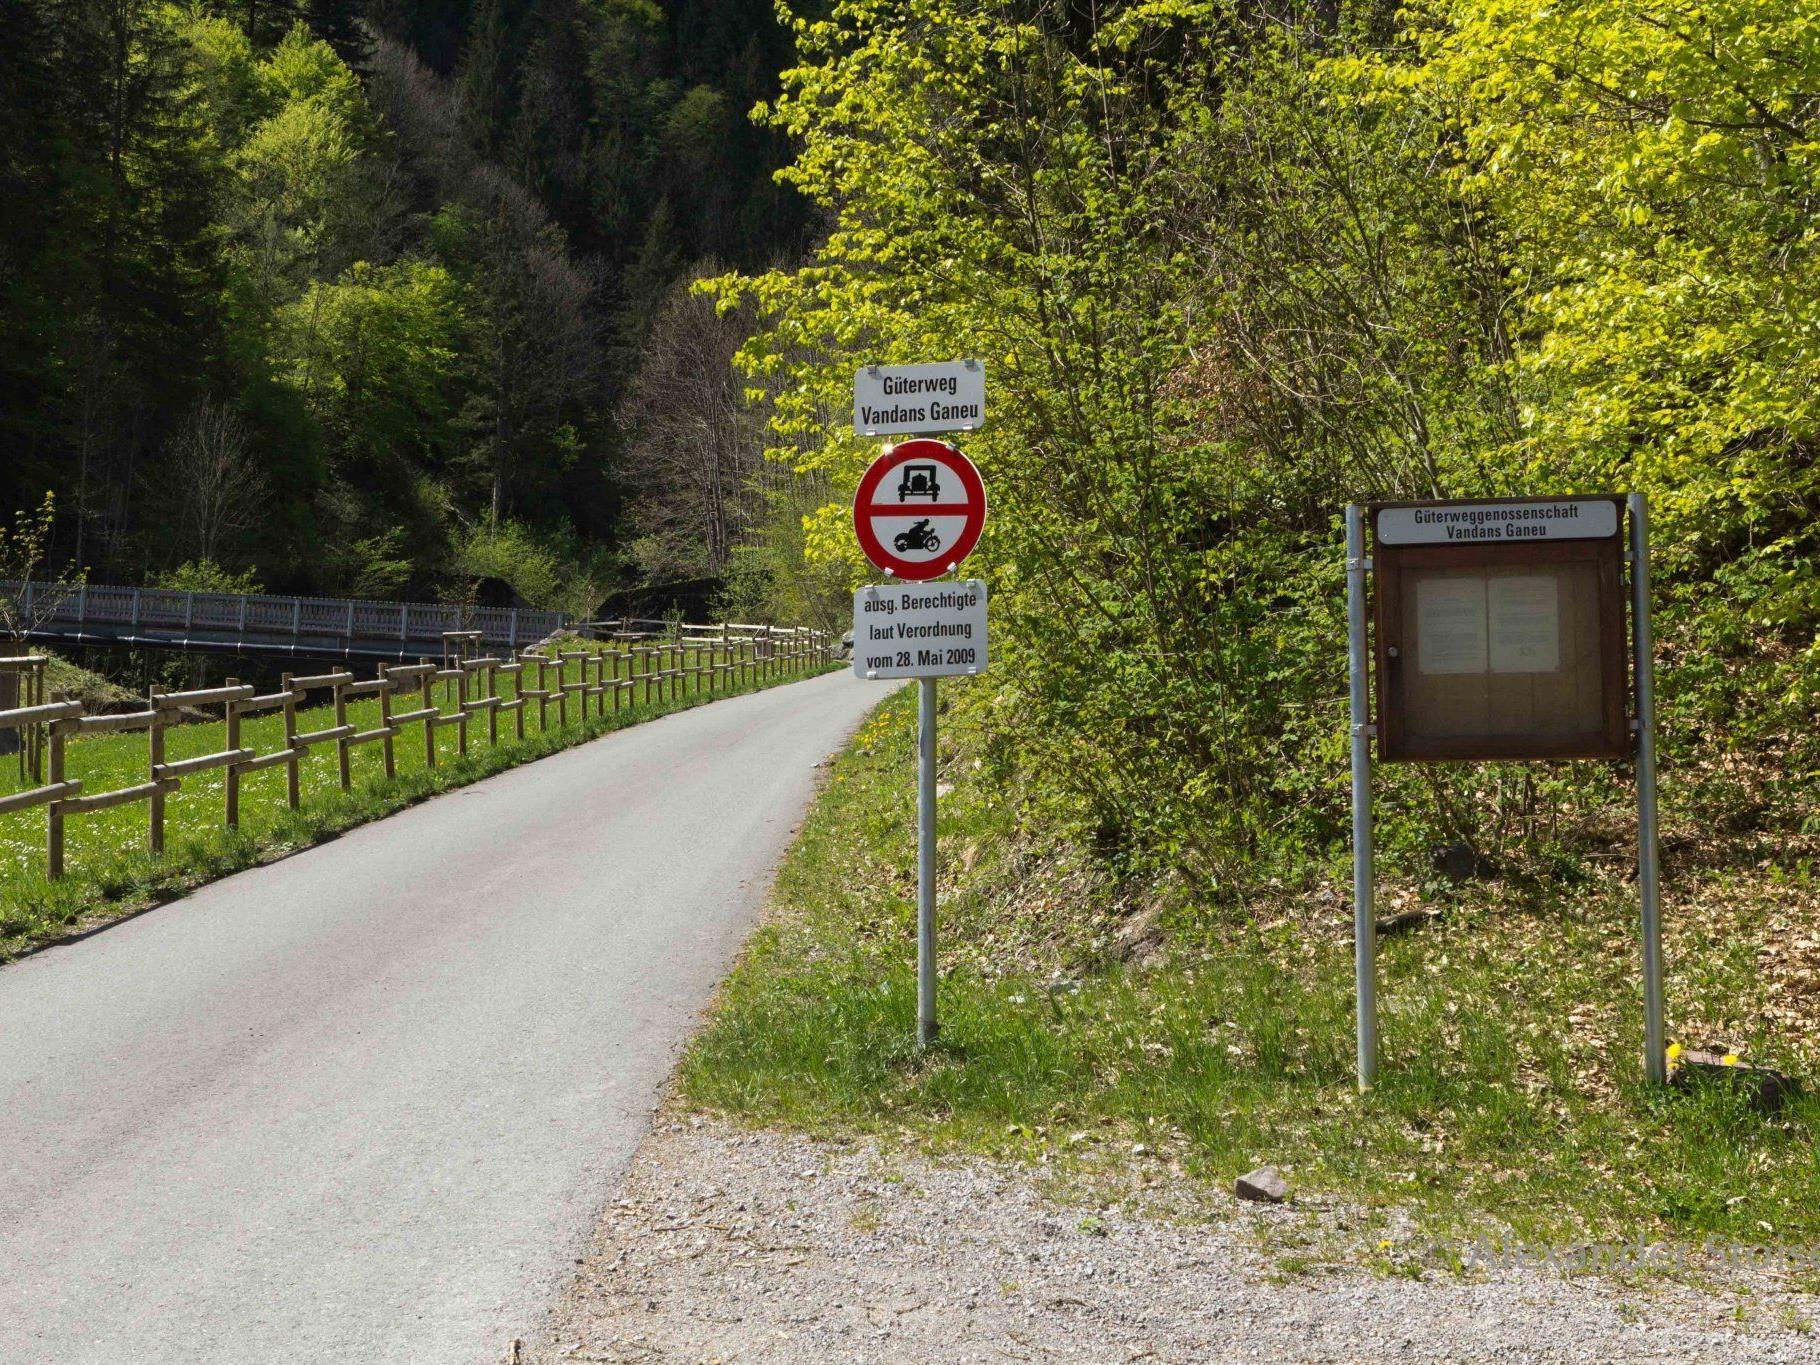 Ab sofort ist das Befahren des Güterweges Ganeu nur für Innhaber eines Berechtigungsscheines gestattet.